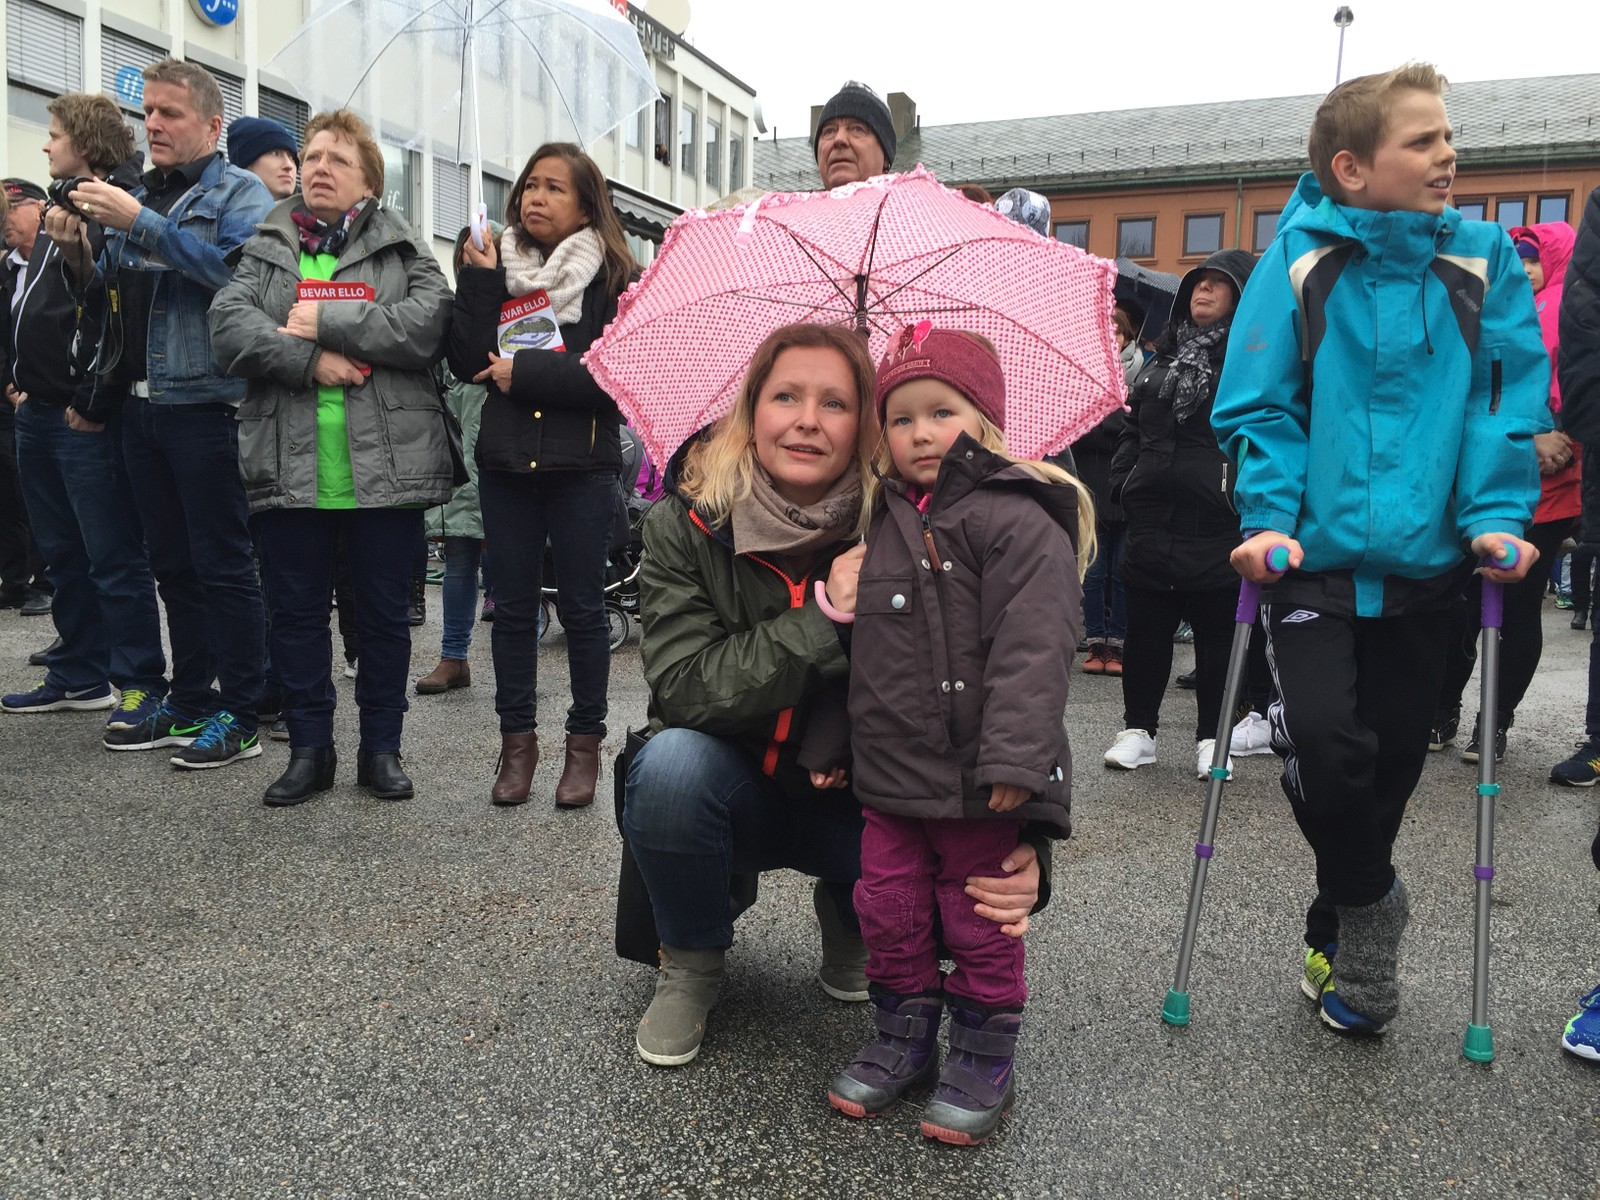 Berit Roald og datteren møtte frem i regnværet for å vise sin støtte.